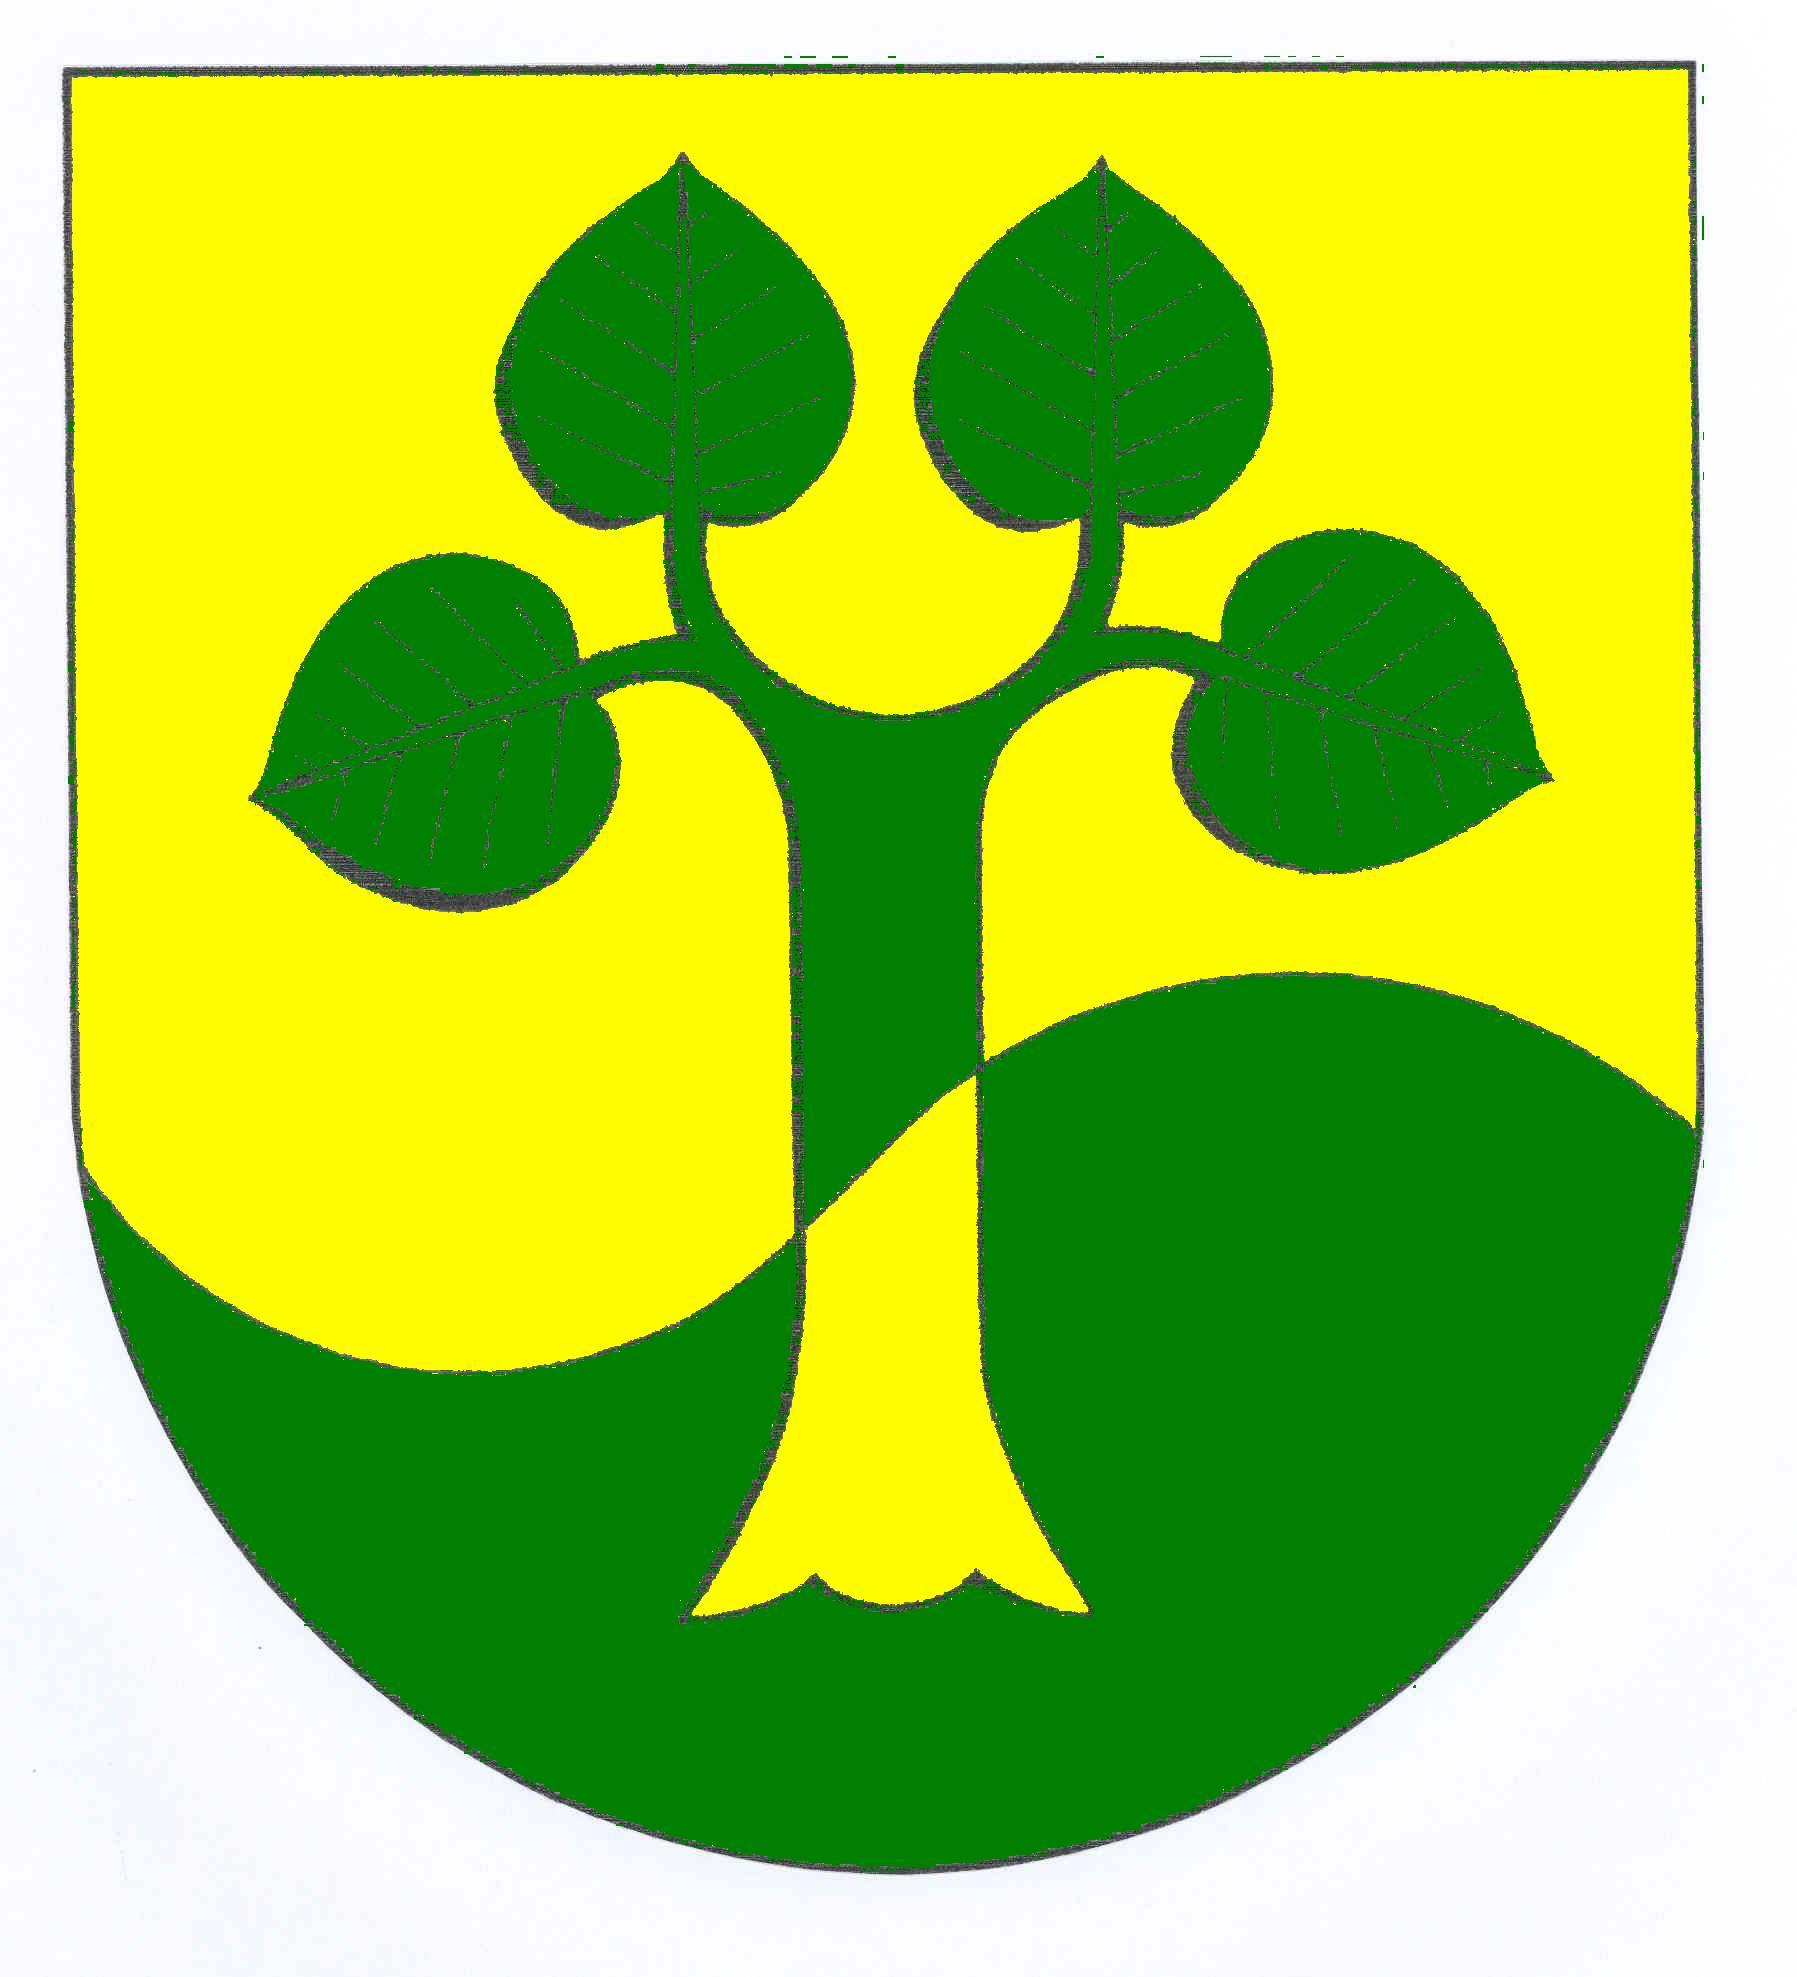 Wappen GemeindeNienborstel, Kreis Rendsburg-Eckernförde